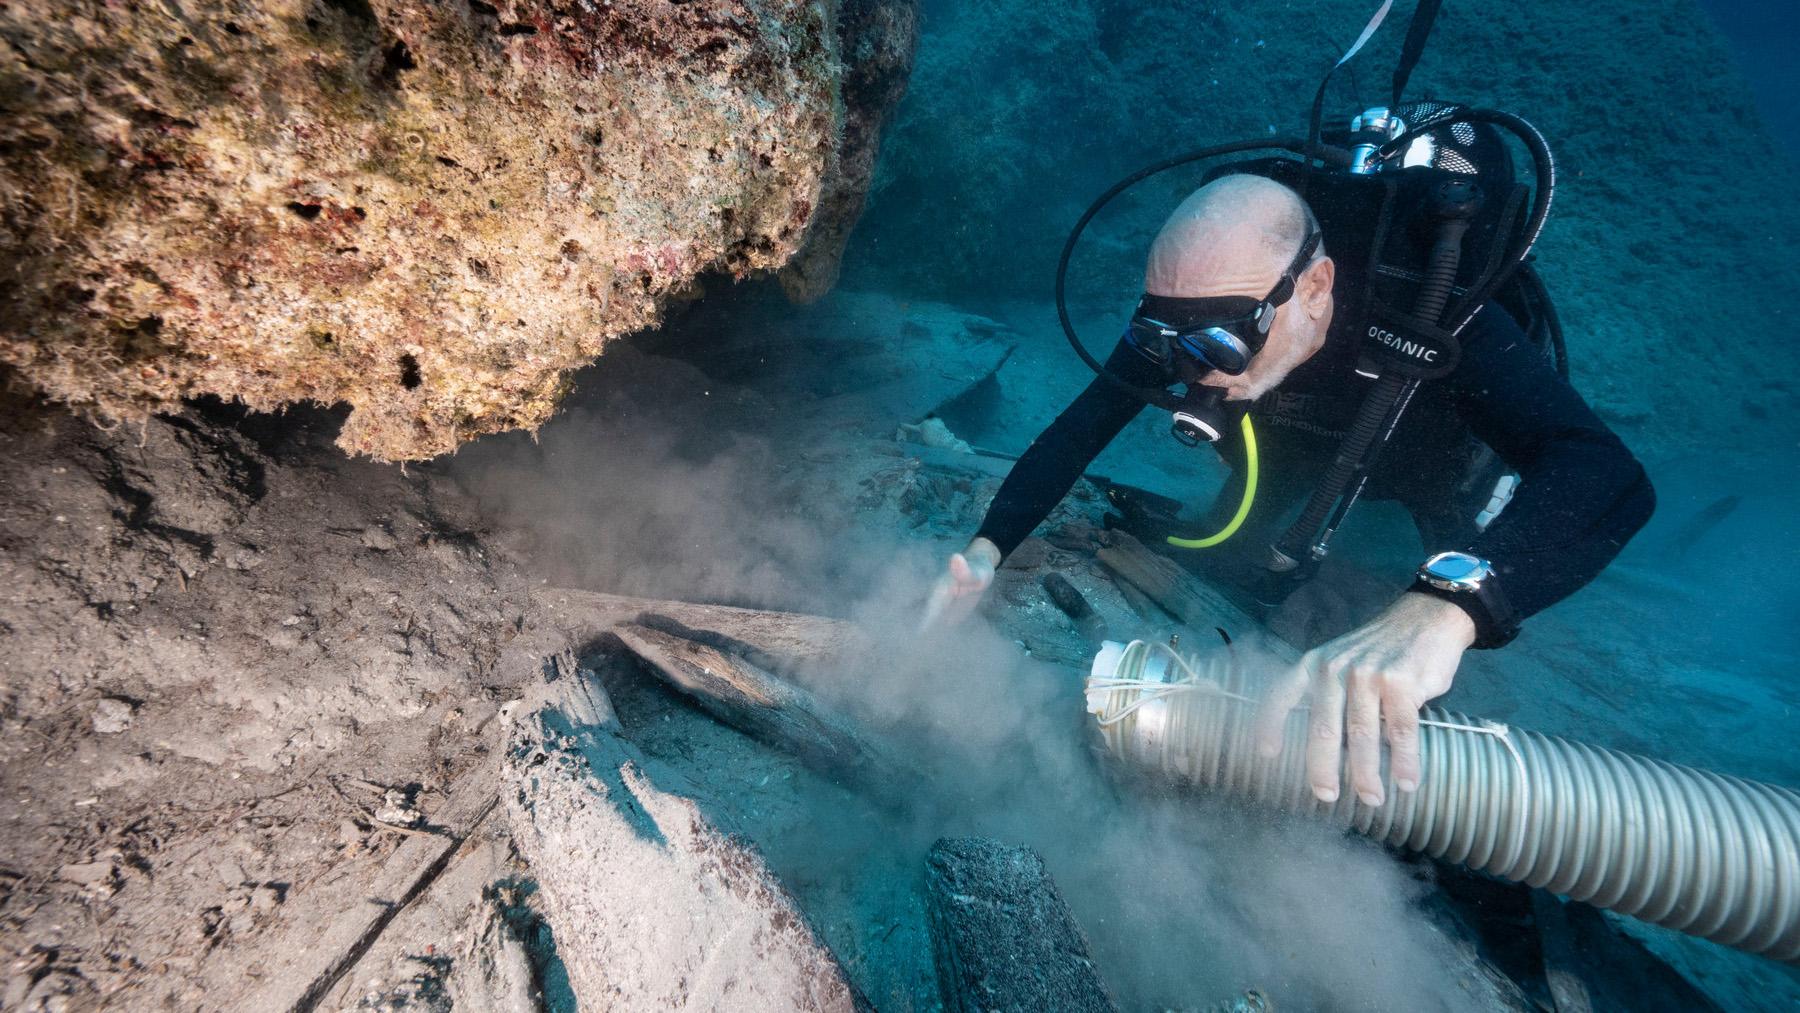 Le Mentor a réussi à rester à flot jusqu'à ce que son équipage et ses passagers se précipitent sur les rochers de Cythère, mais il a coulé rapidement après cela;  une grande partie de la coque en bois est maintenant entourée de rochers.